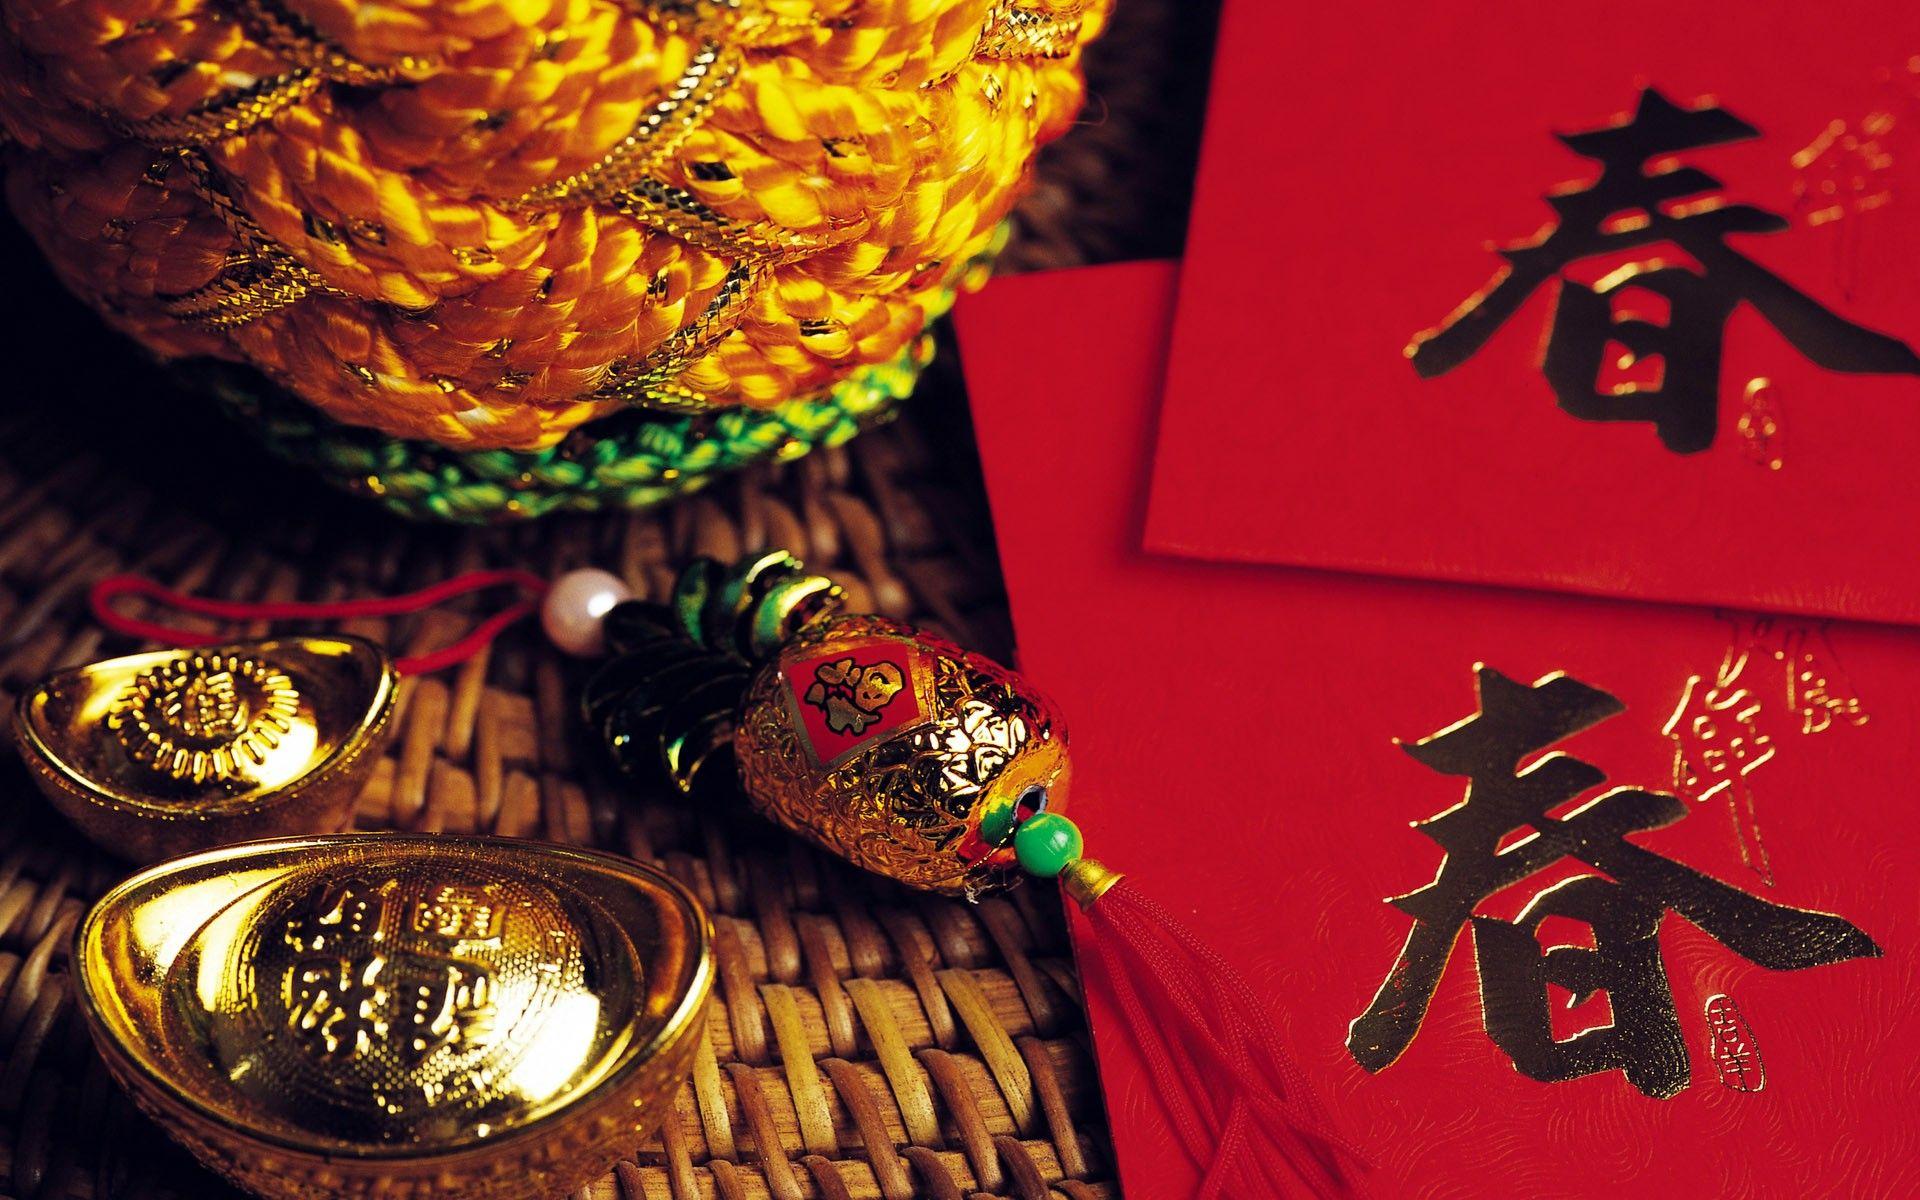 Жители Китая празднуют наступление года Желтой земляной собаки полунному календарю